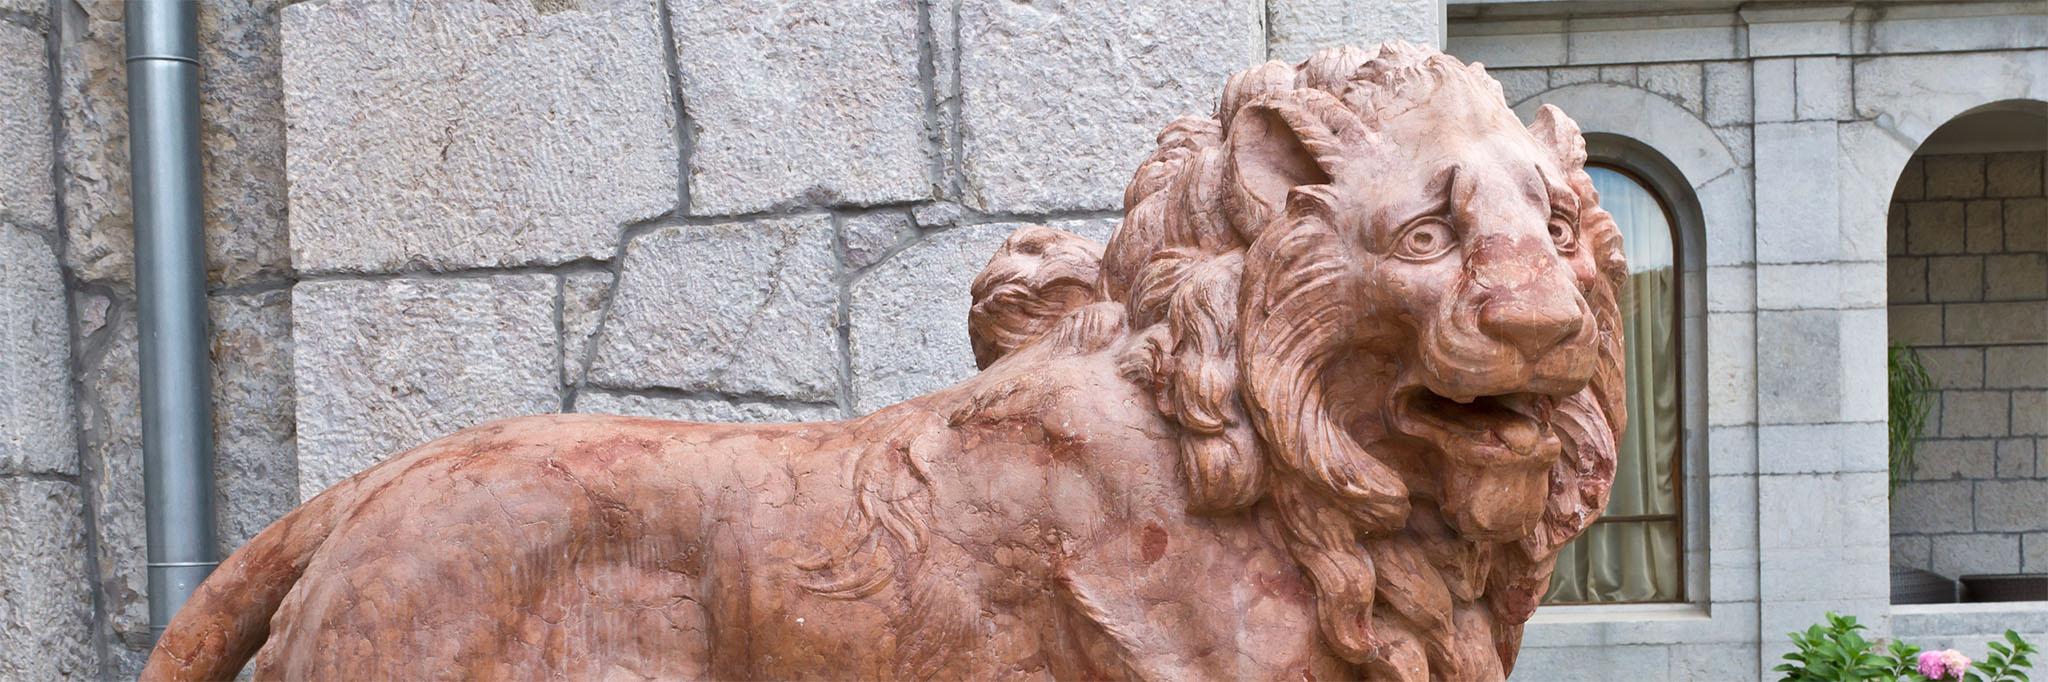 Статуя льва в Юсуповском дворце